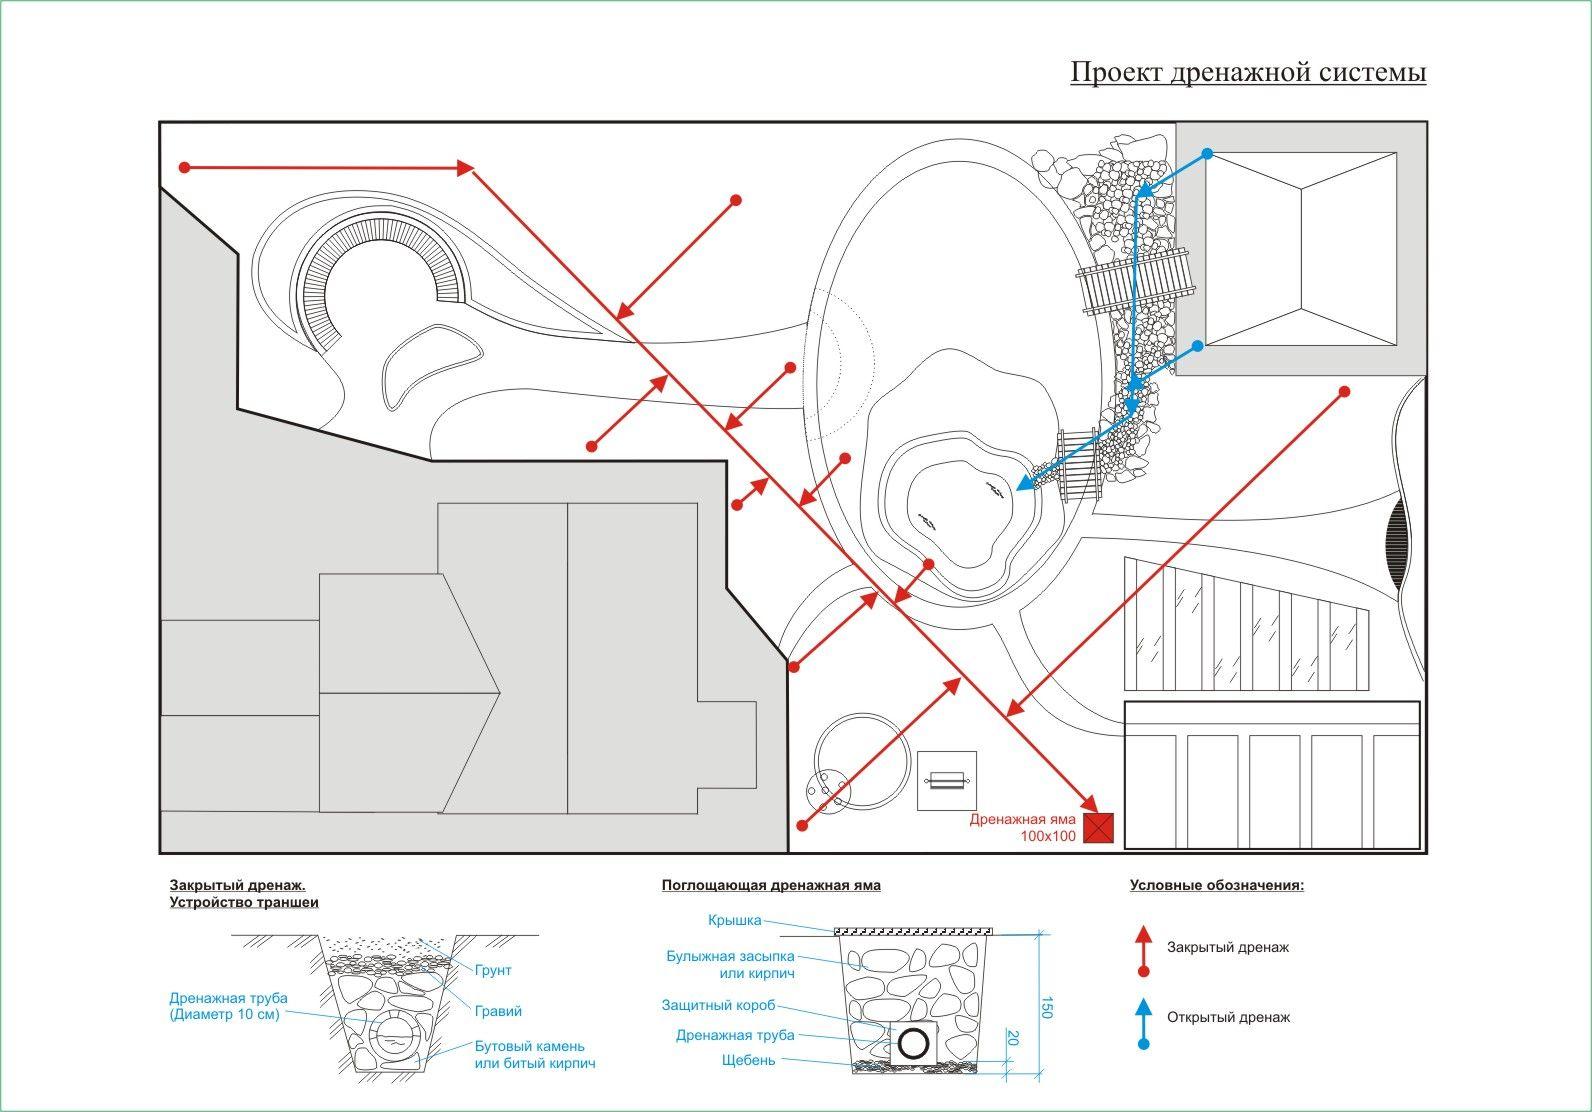 Проектирование дренажных систем